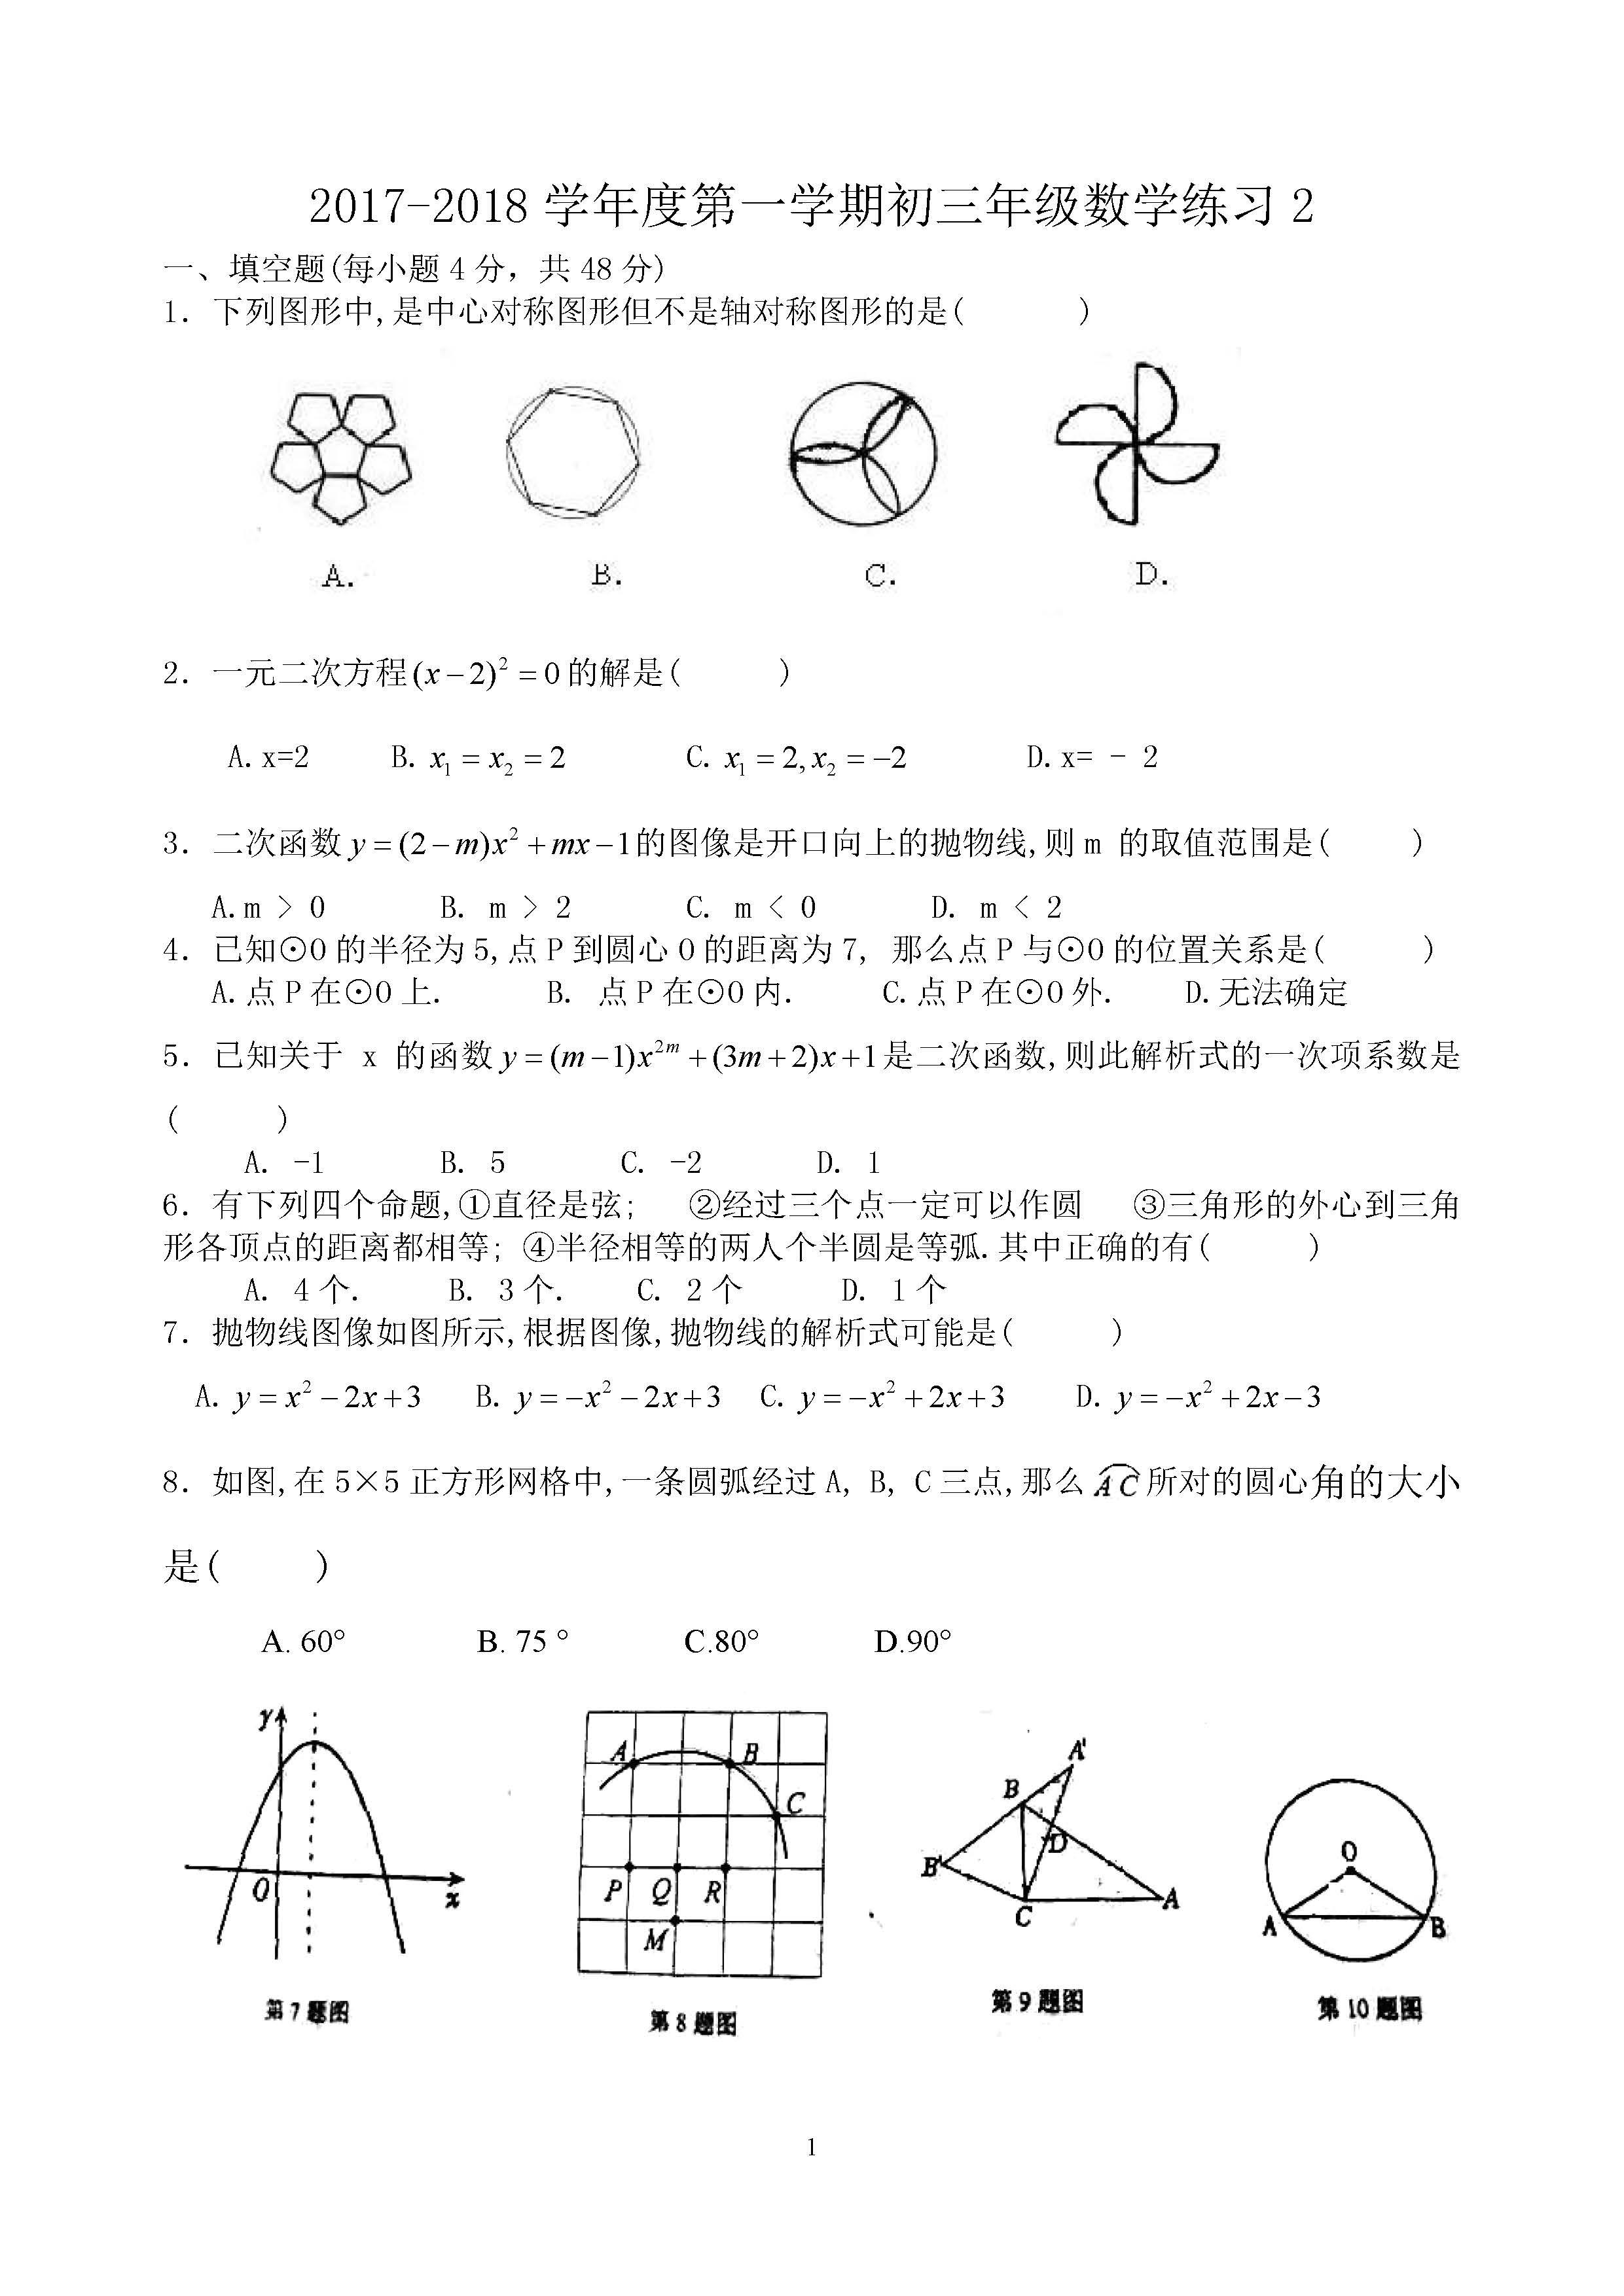 2017人大附中初三上学期数学练习题精选